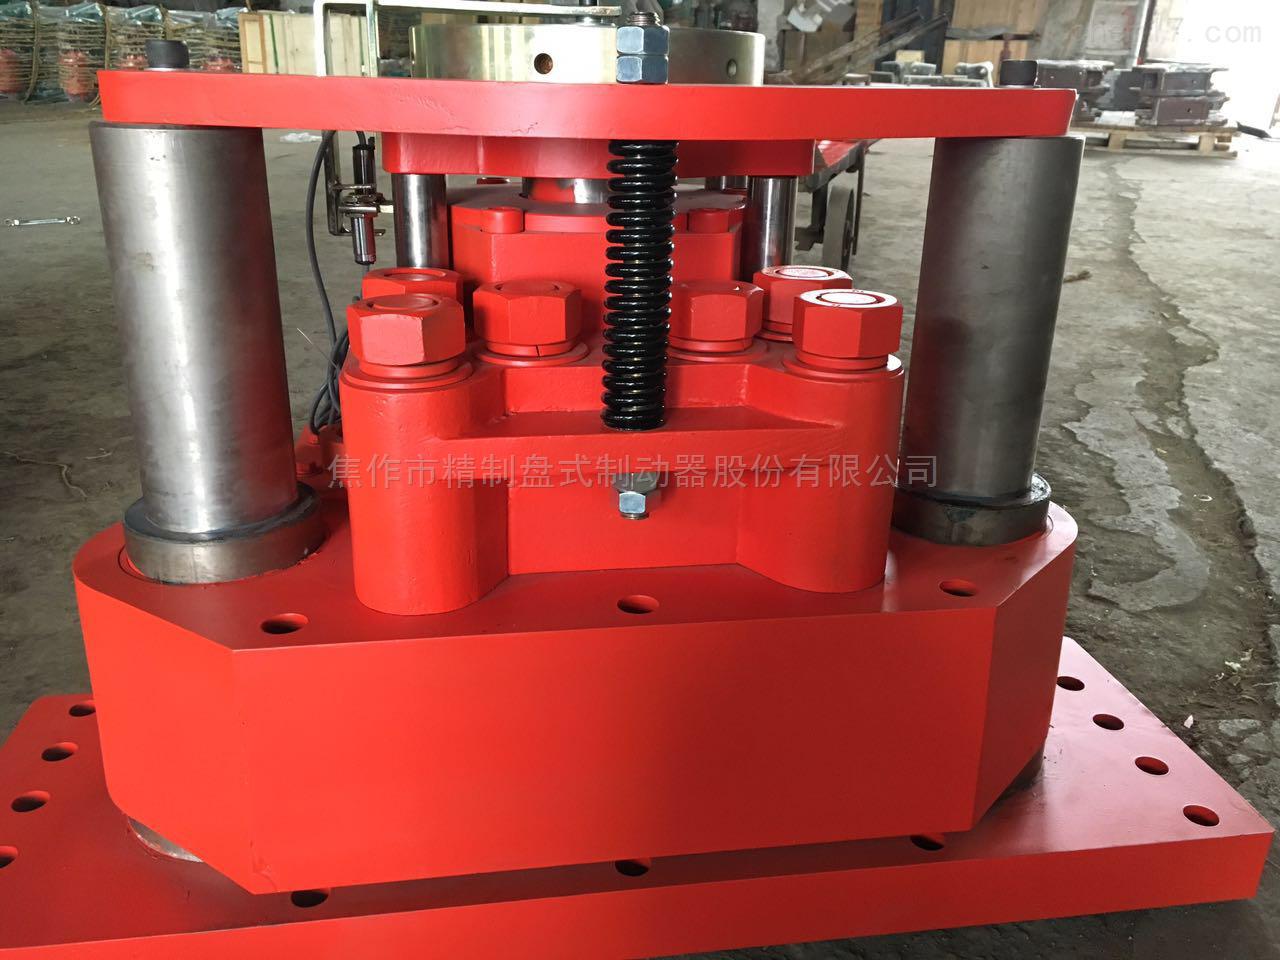 YPZ2I电力液压臂盘式制动器-液压臂盘式制动器供应